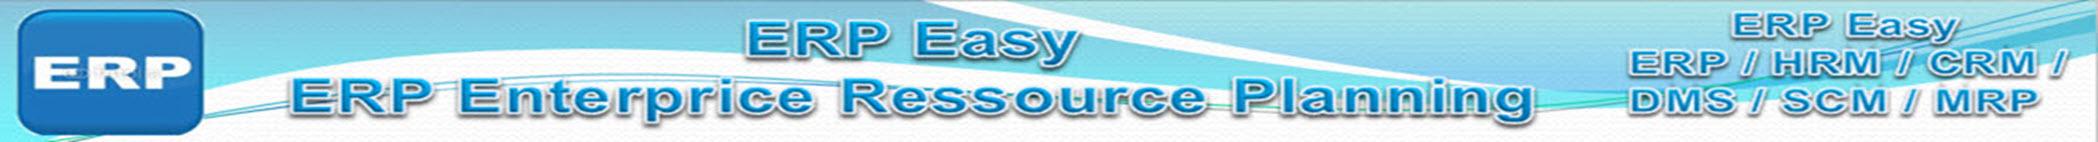 ERP Easy